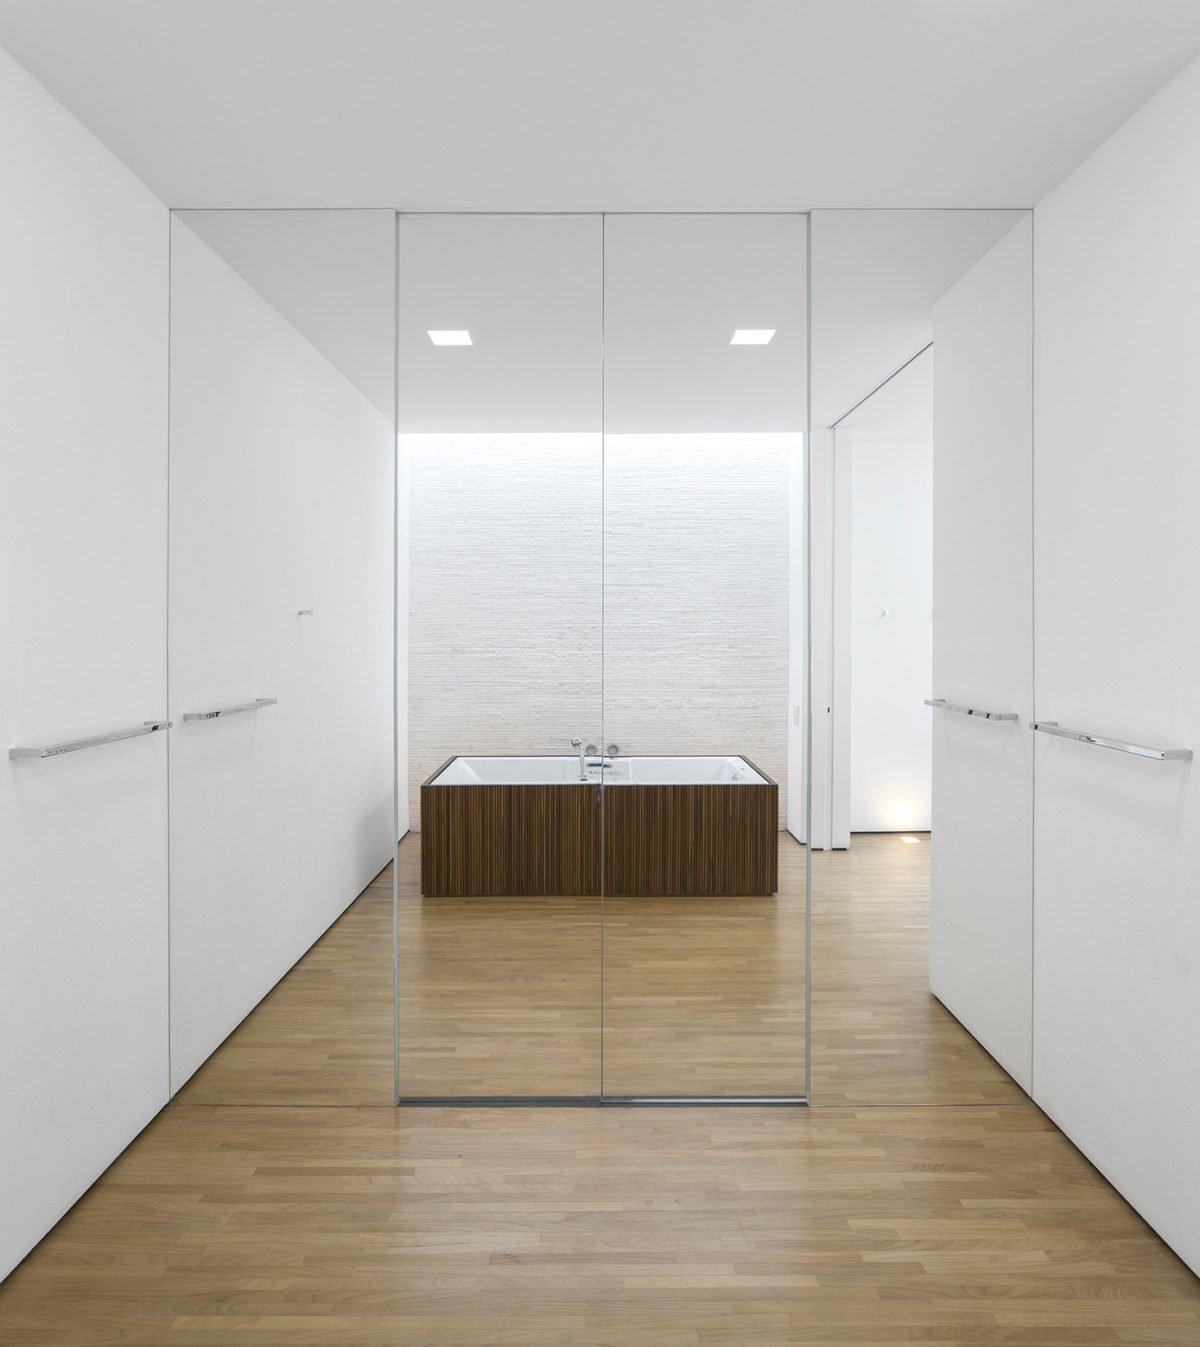 9Tetris House In São Paulo Brazil By Studiomk27 13 Ngôi nhà lấy ý tưởng từ trò chơi xếp hình TETRIS qpdesign